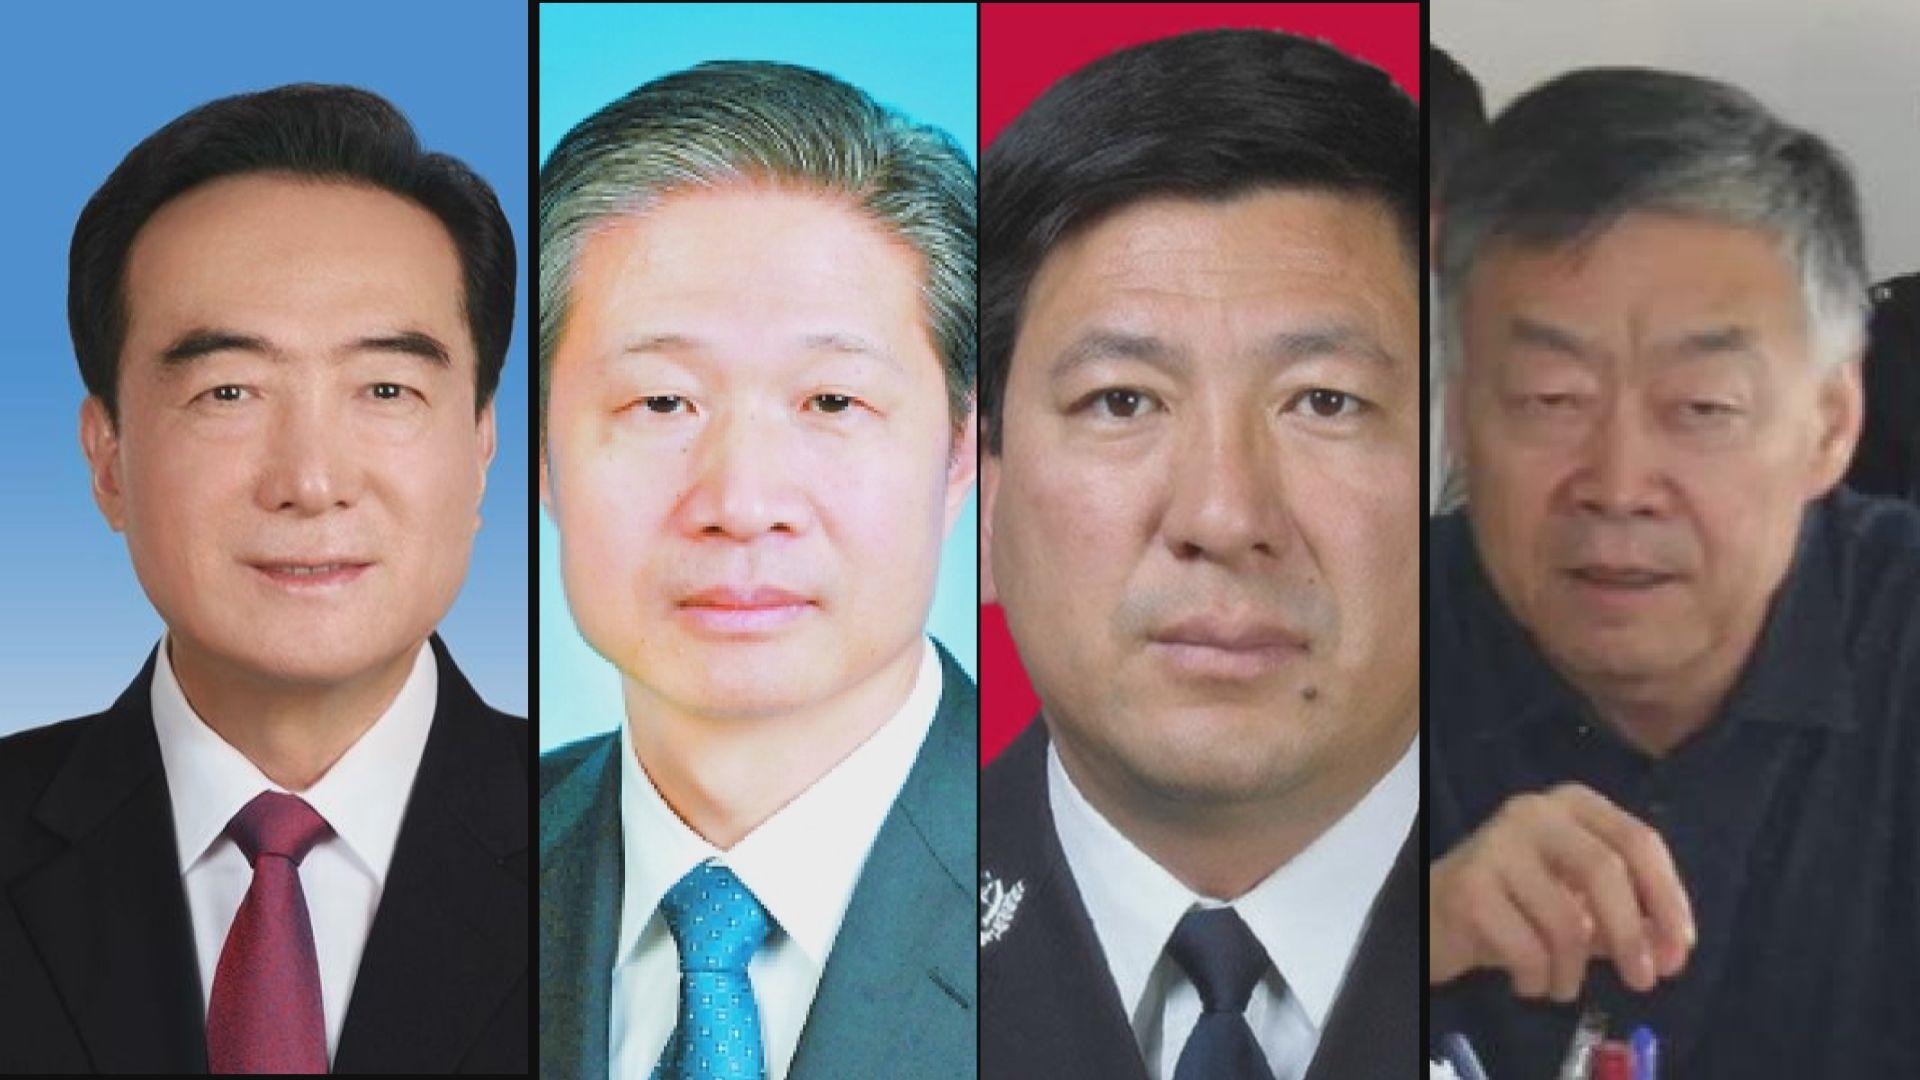 美制裁四涉侵犯人權新疆官員 外交部強烈譴責